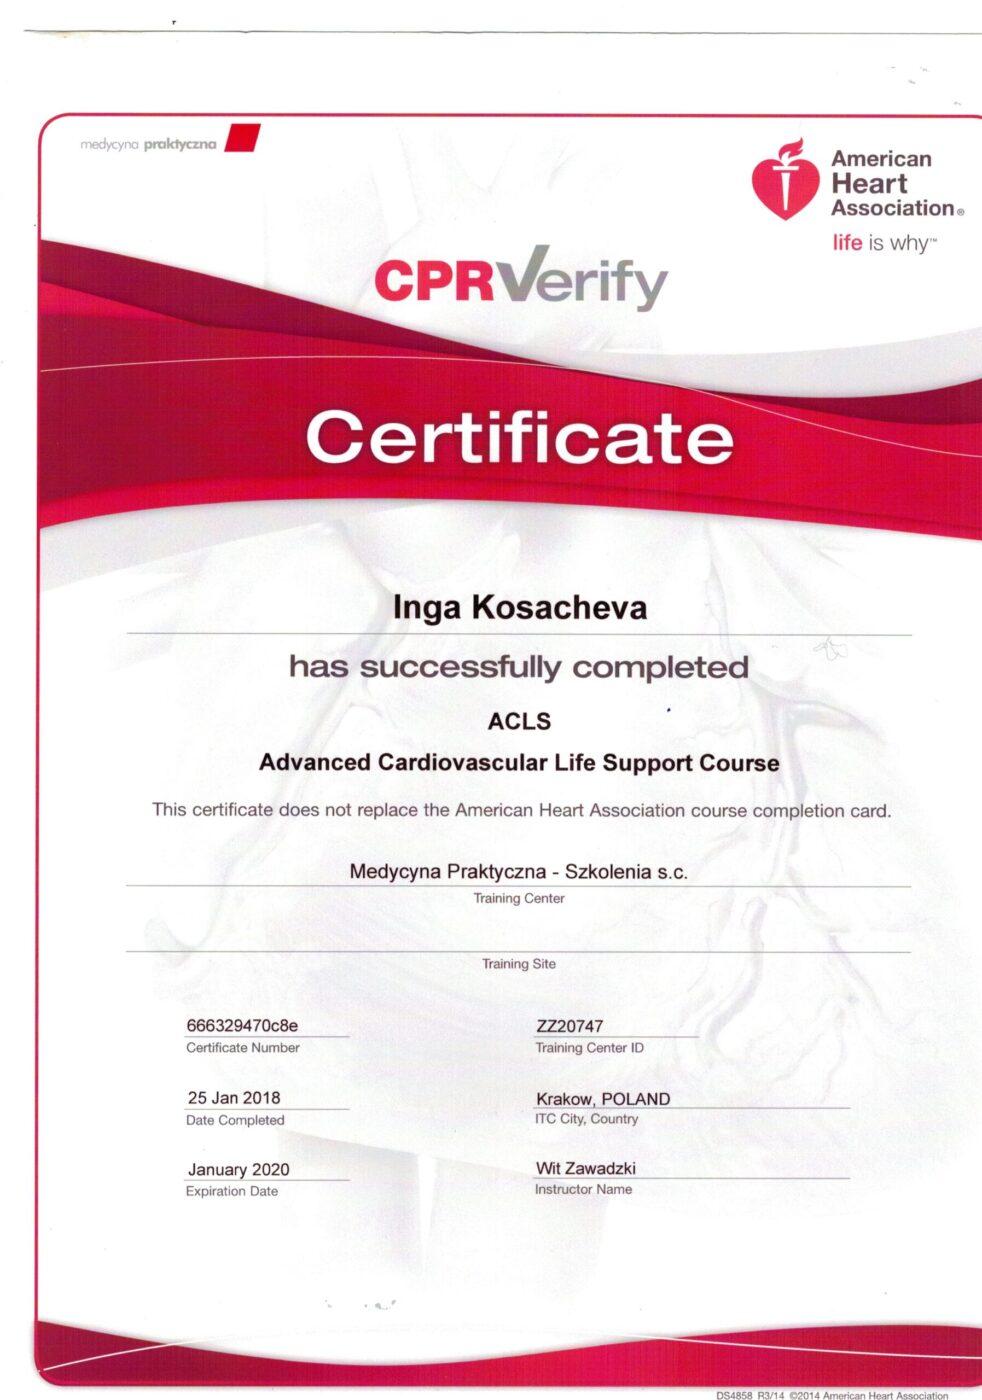 Сертифікат дитячого лікаря анестезіолога Косачевої Інги Сергіївни об участі у курсі (Pediatric Advanced Life Support Course)